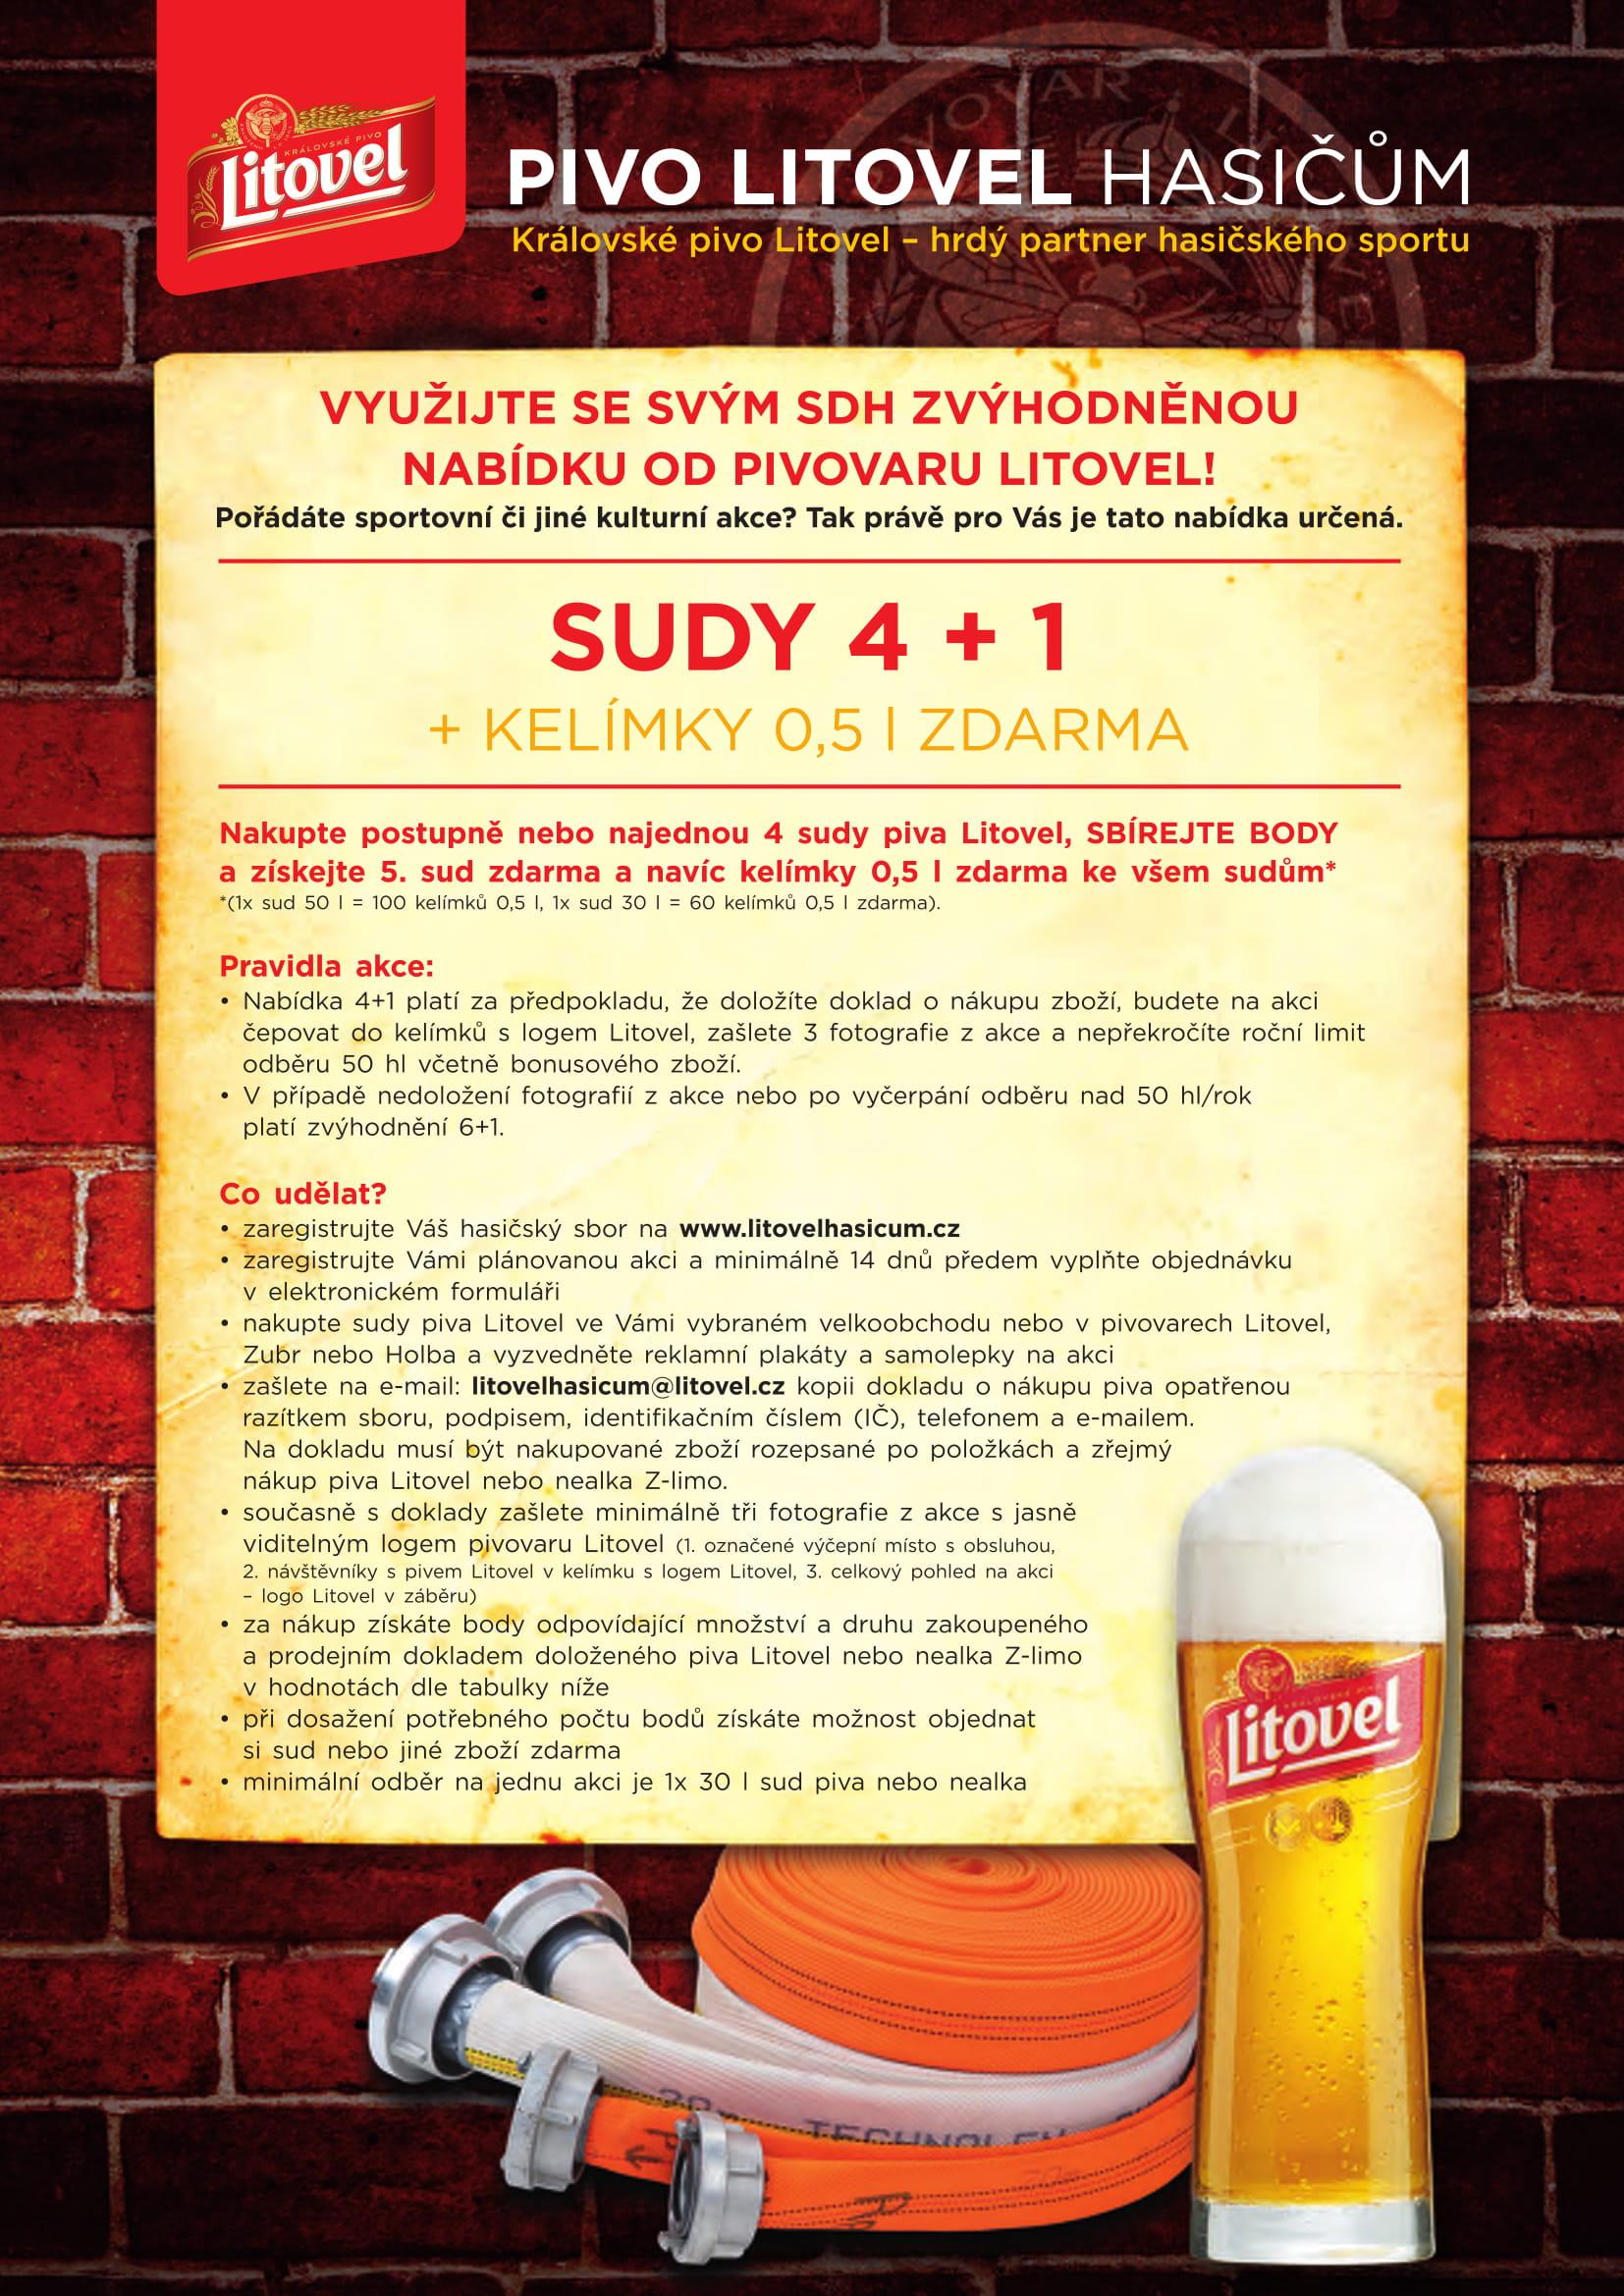 Pivovar Litovel Obchodní nabídka HS-1